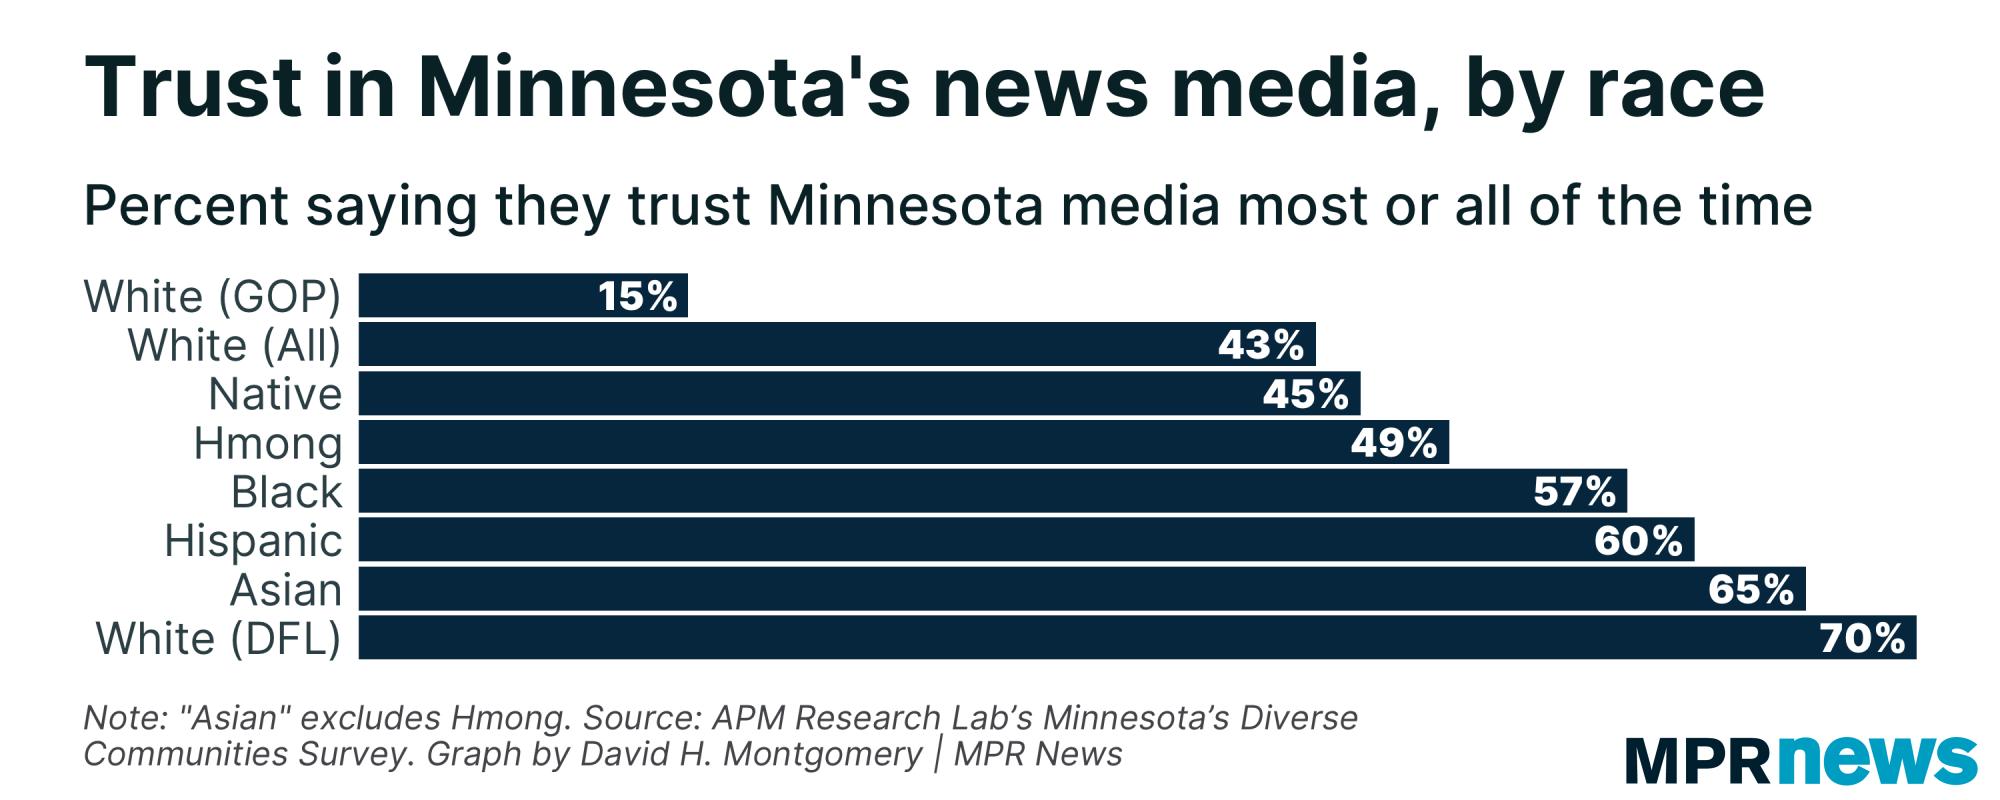 Graph of trust in Minnesota news media